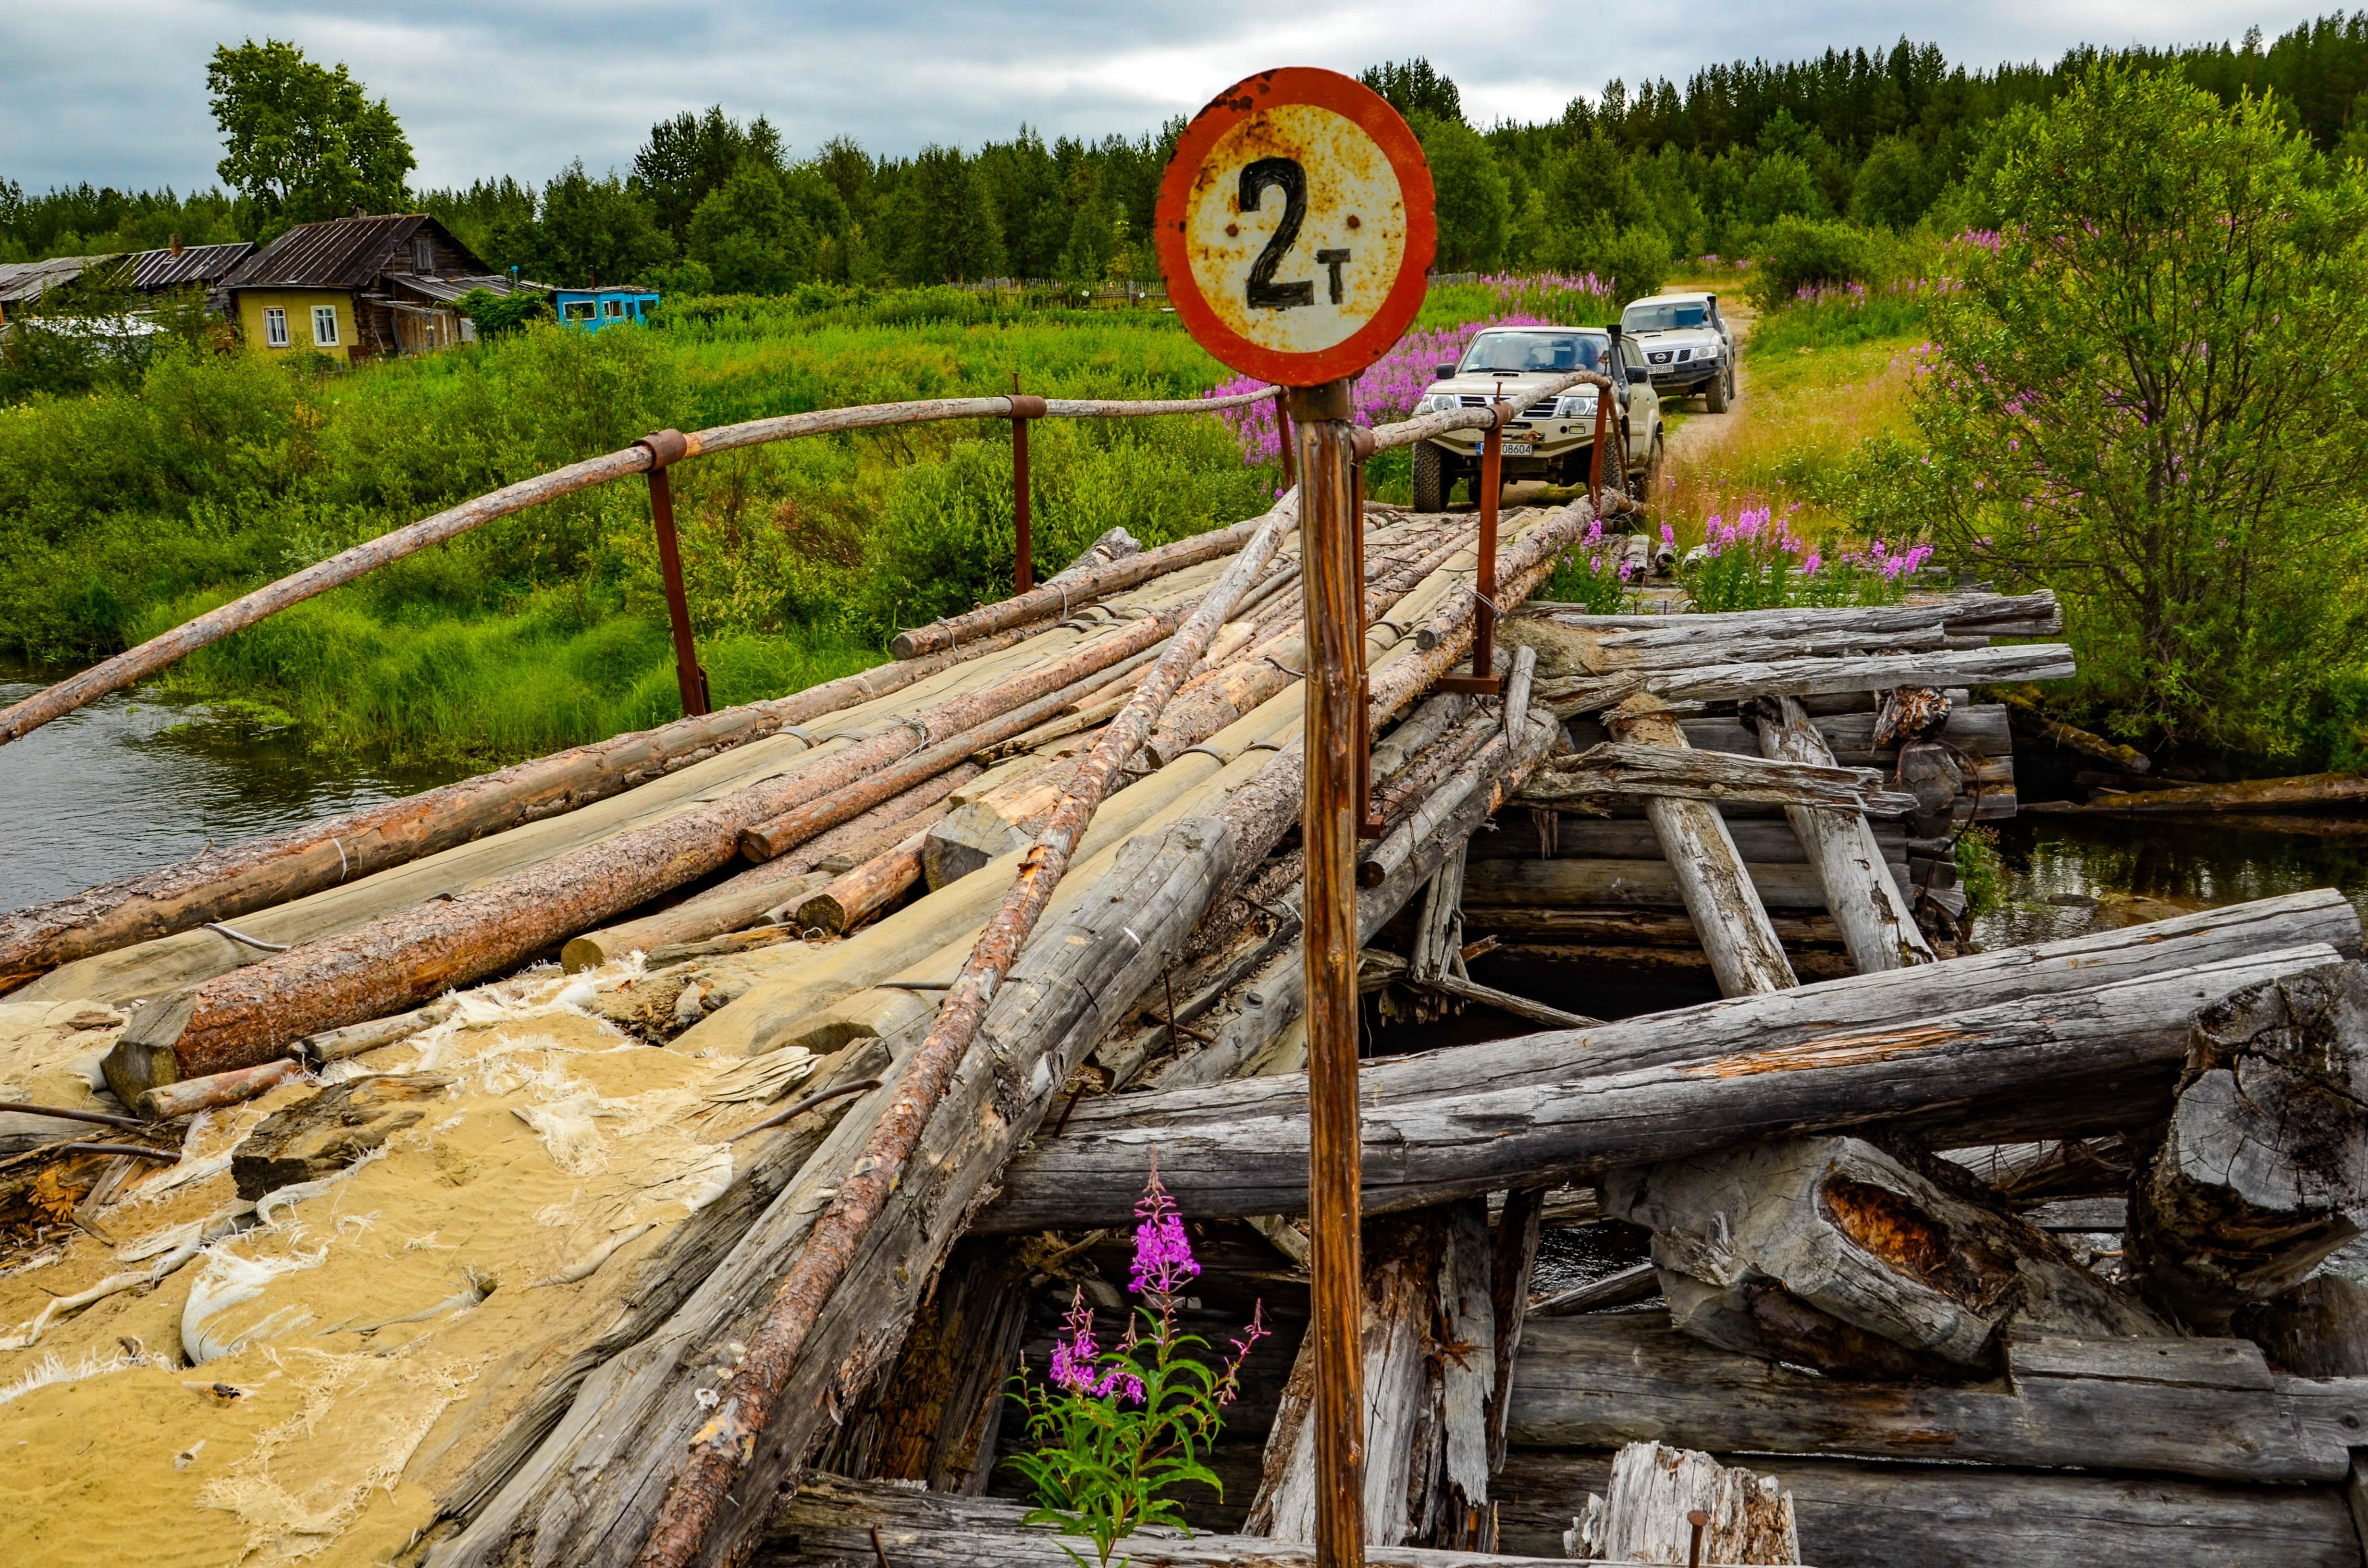 Rosja, Półwysep Kolski, tajga, off-road